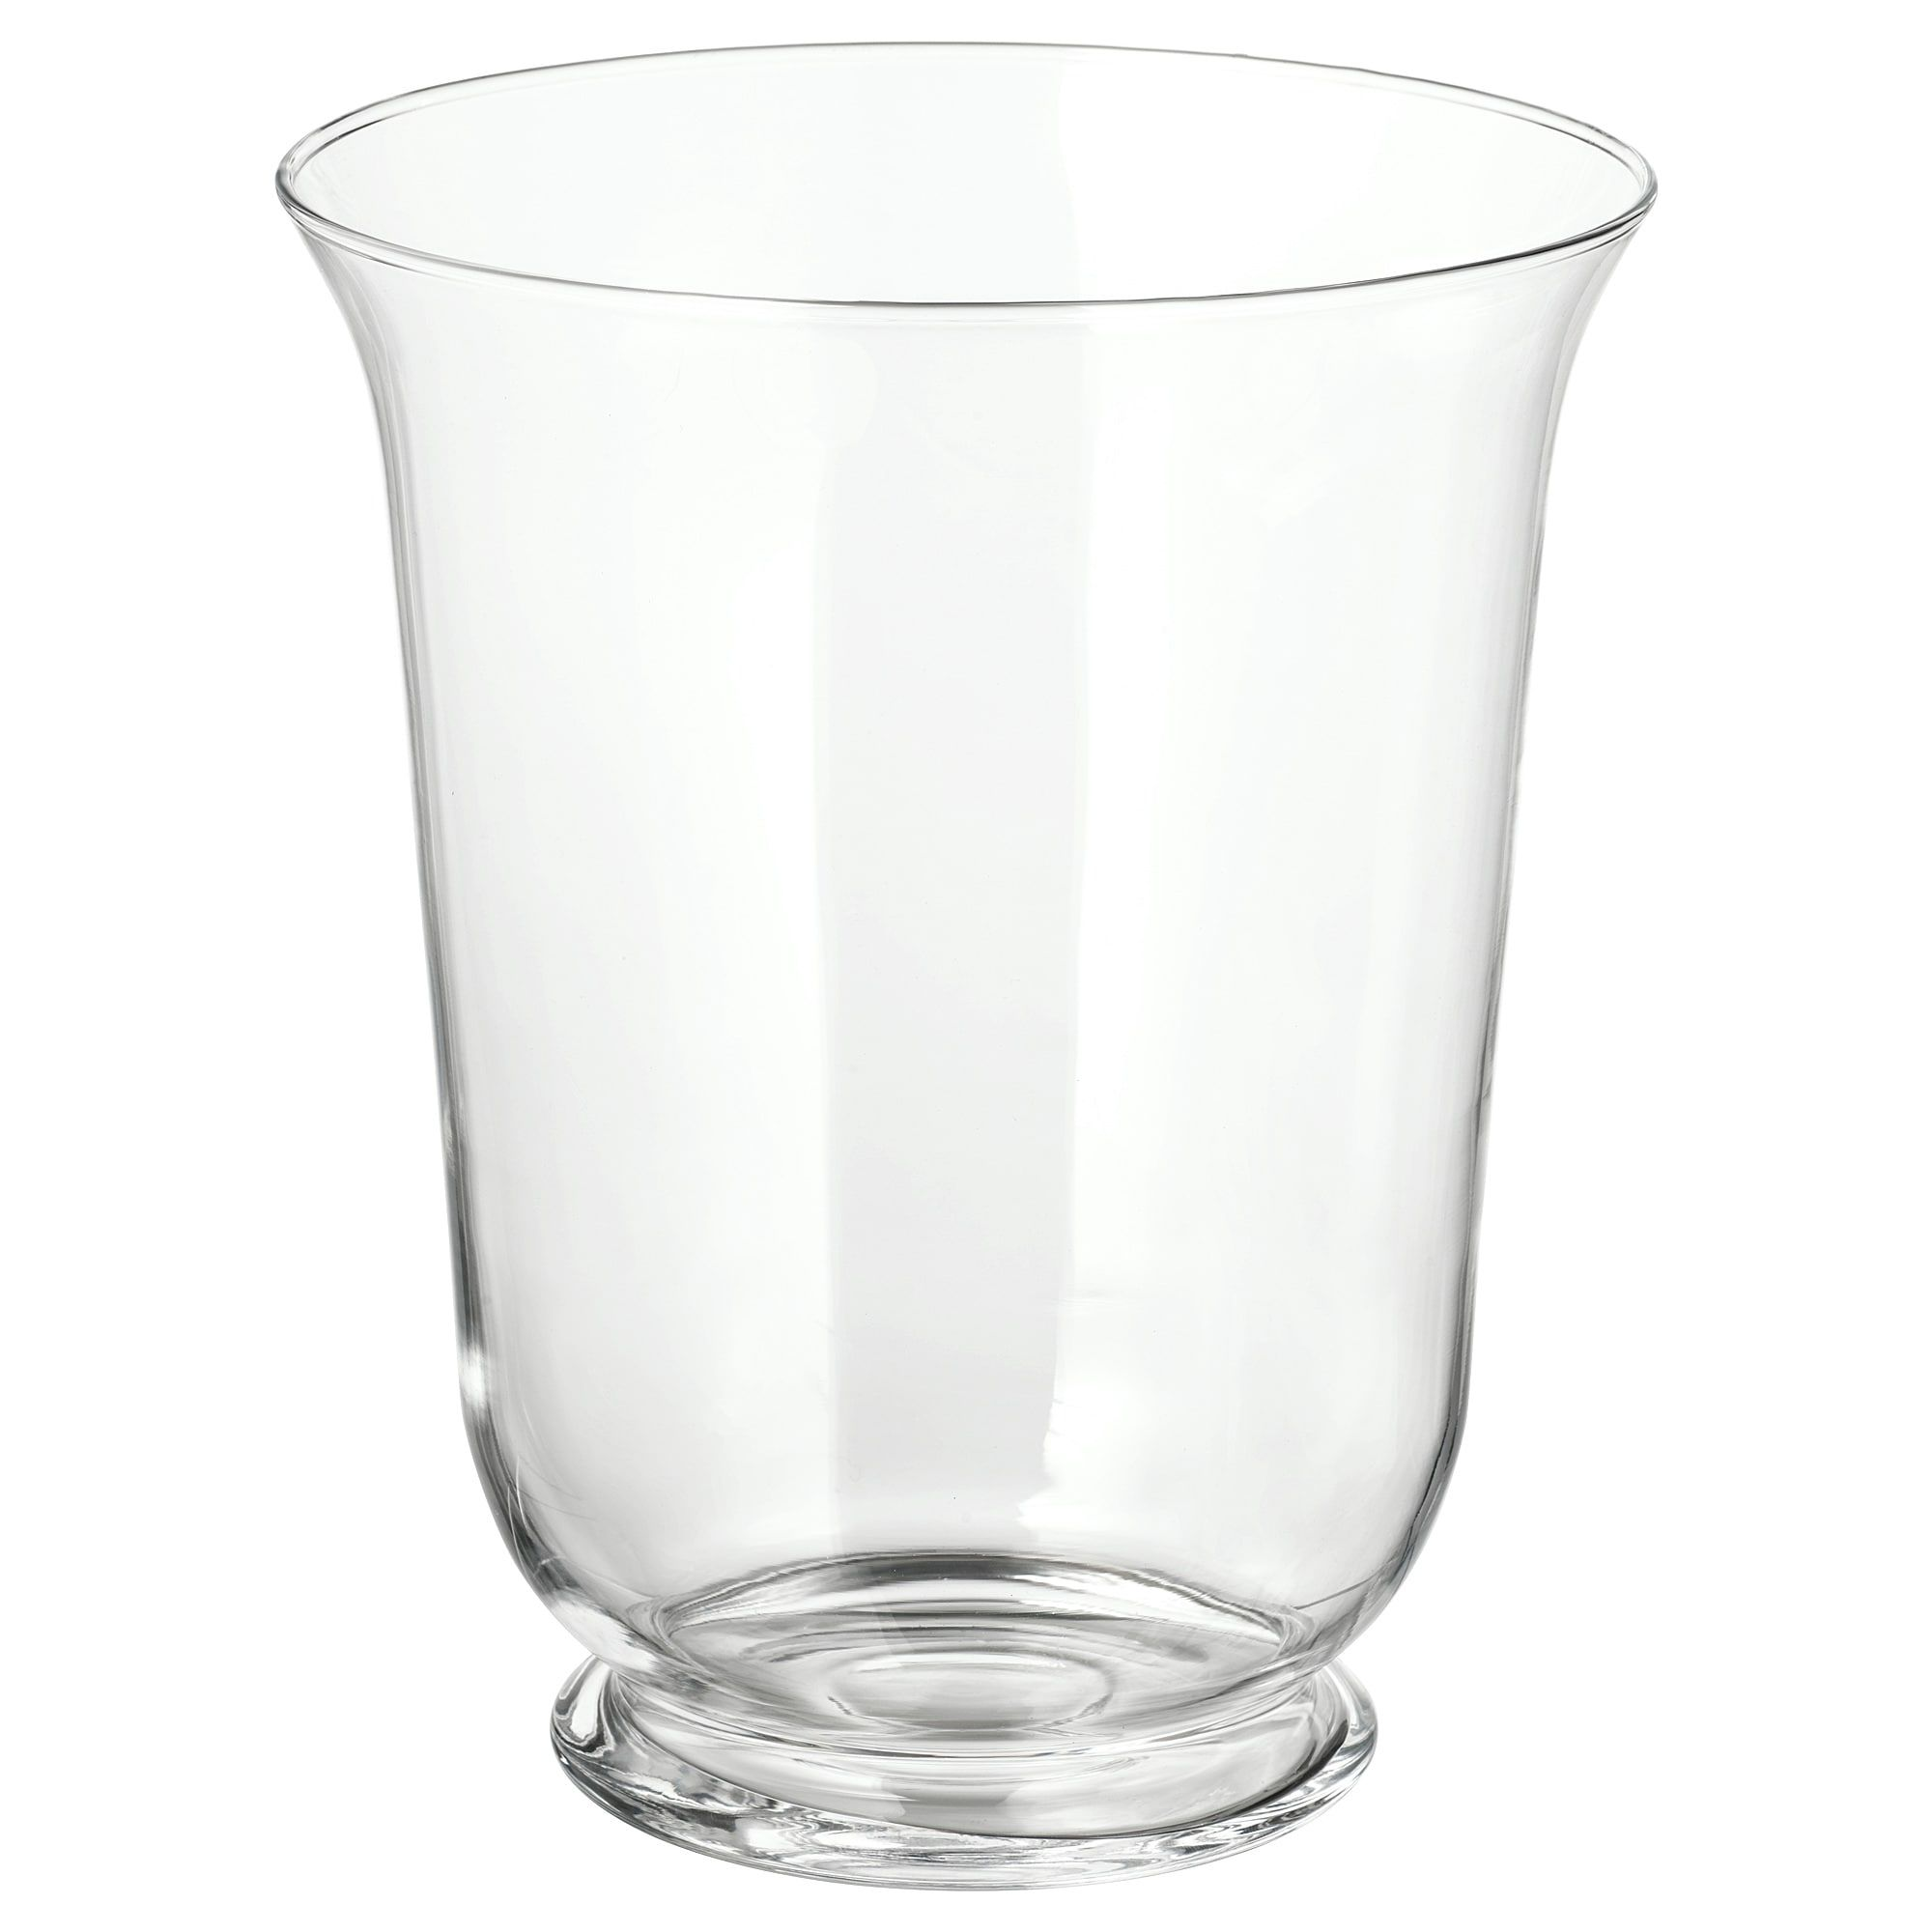 vase lanterne pomp verre transparent ikea ikea vases. Black Bedroom Furniture Sets. Home Design Ideas